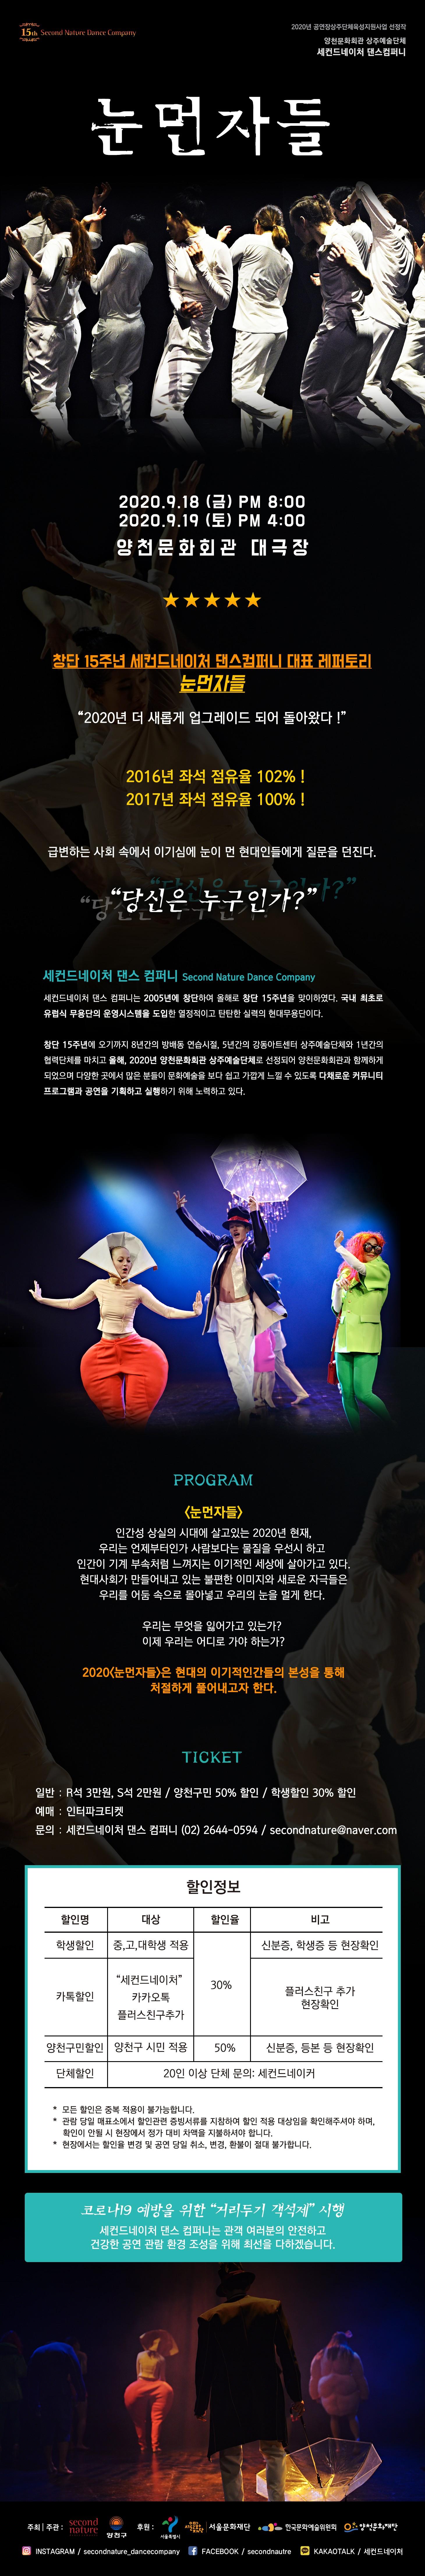 2020 눈먼자들 웹전단_(할인정보).jpg